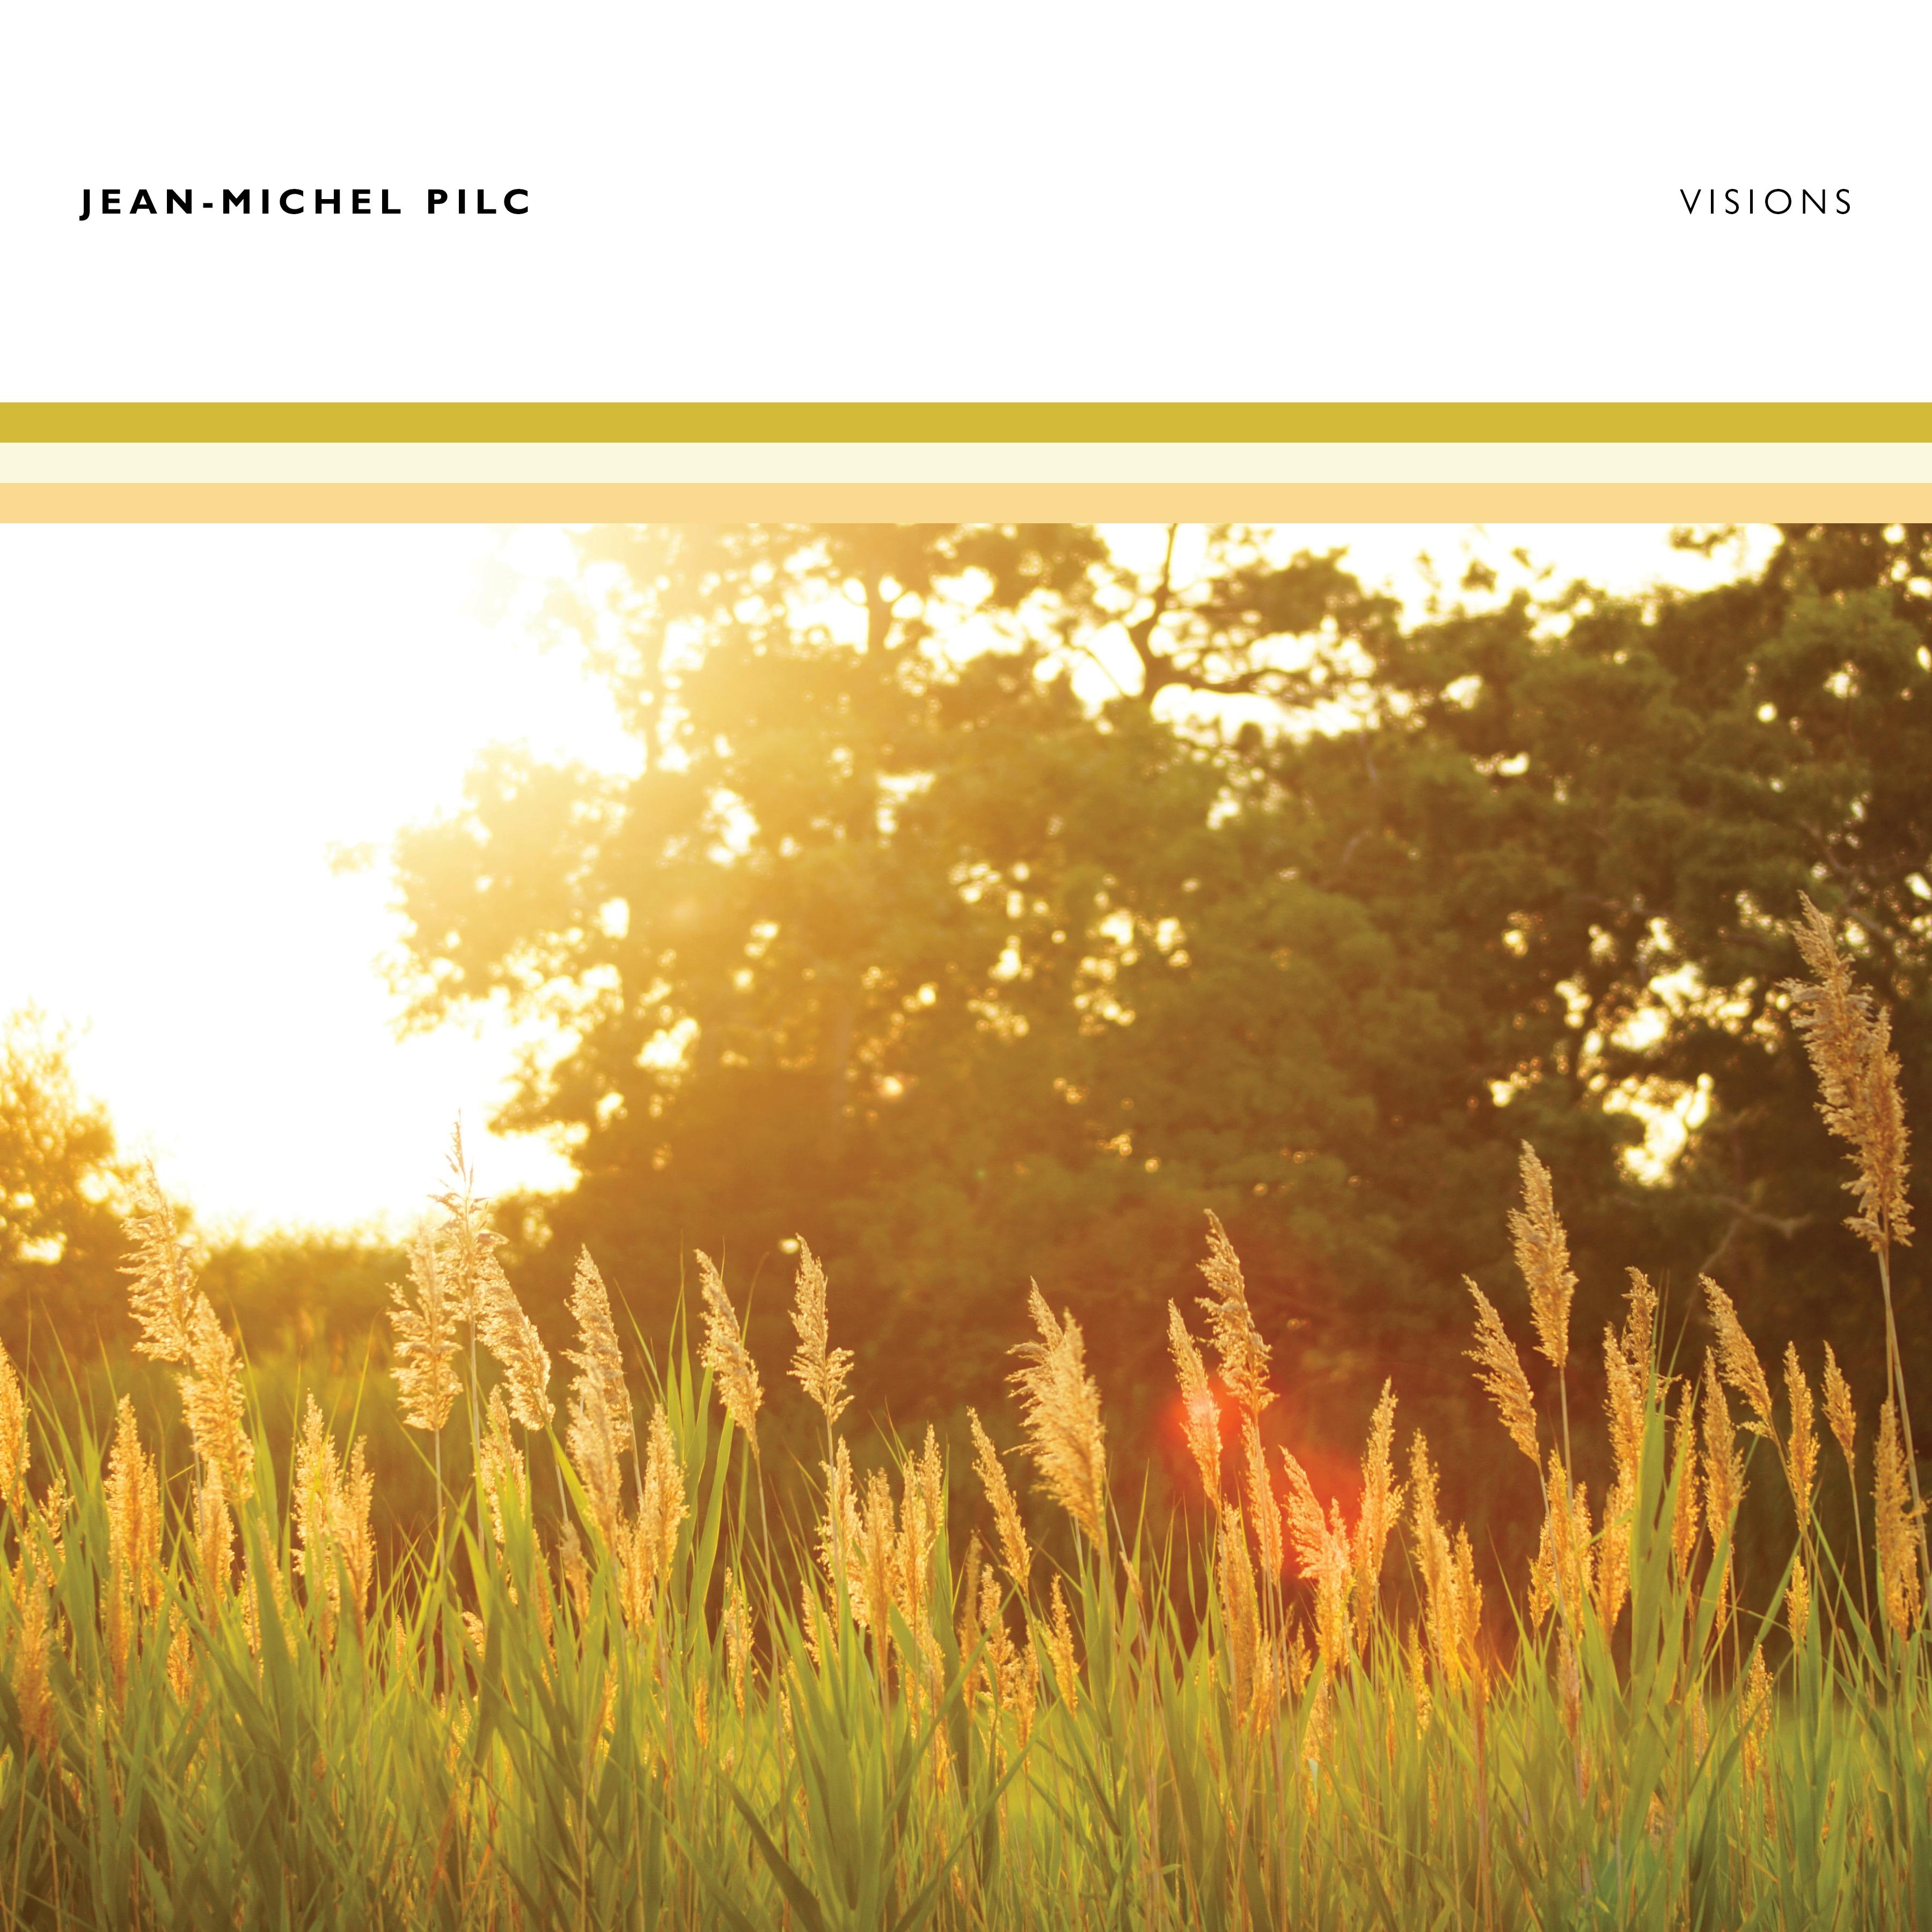 Cover Visions  (Pas disponible sur Disque Compact - disponible uniquement via les plateformes numériques seulement/Not available on CD - available through digital platforms only)